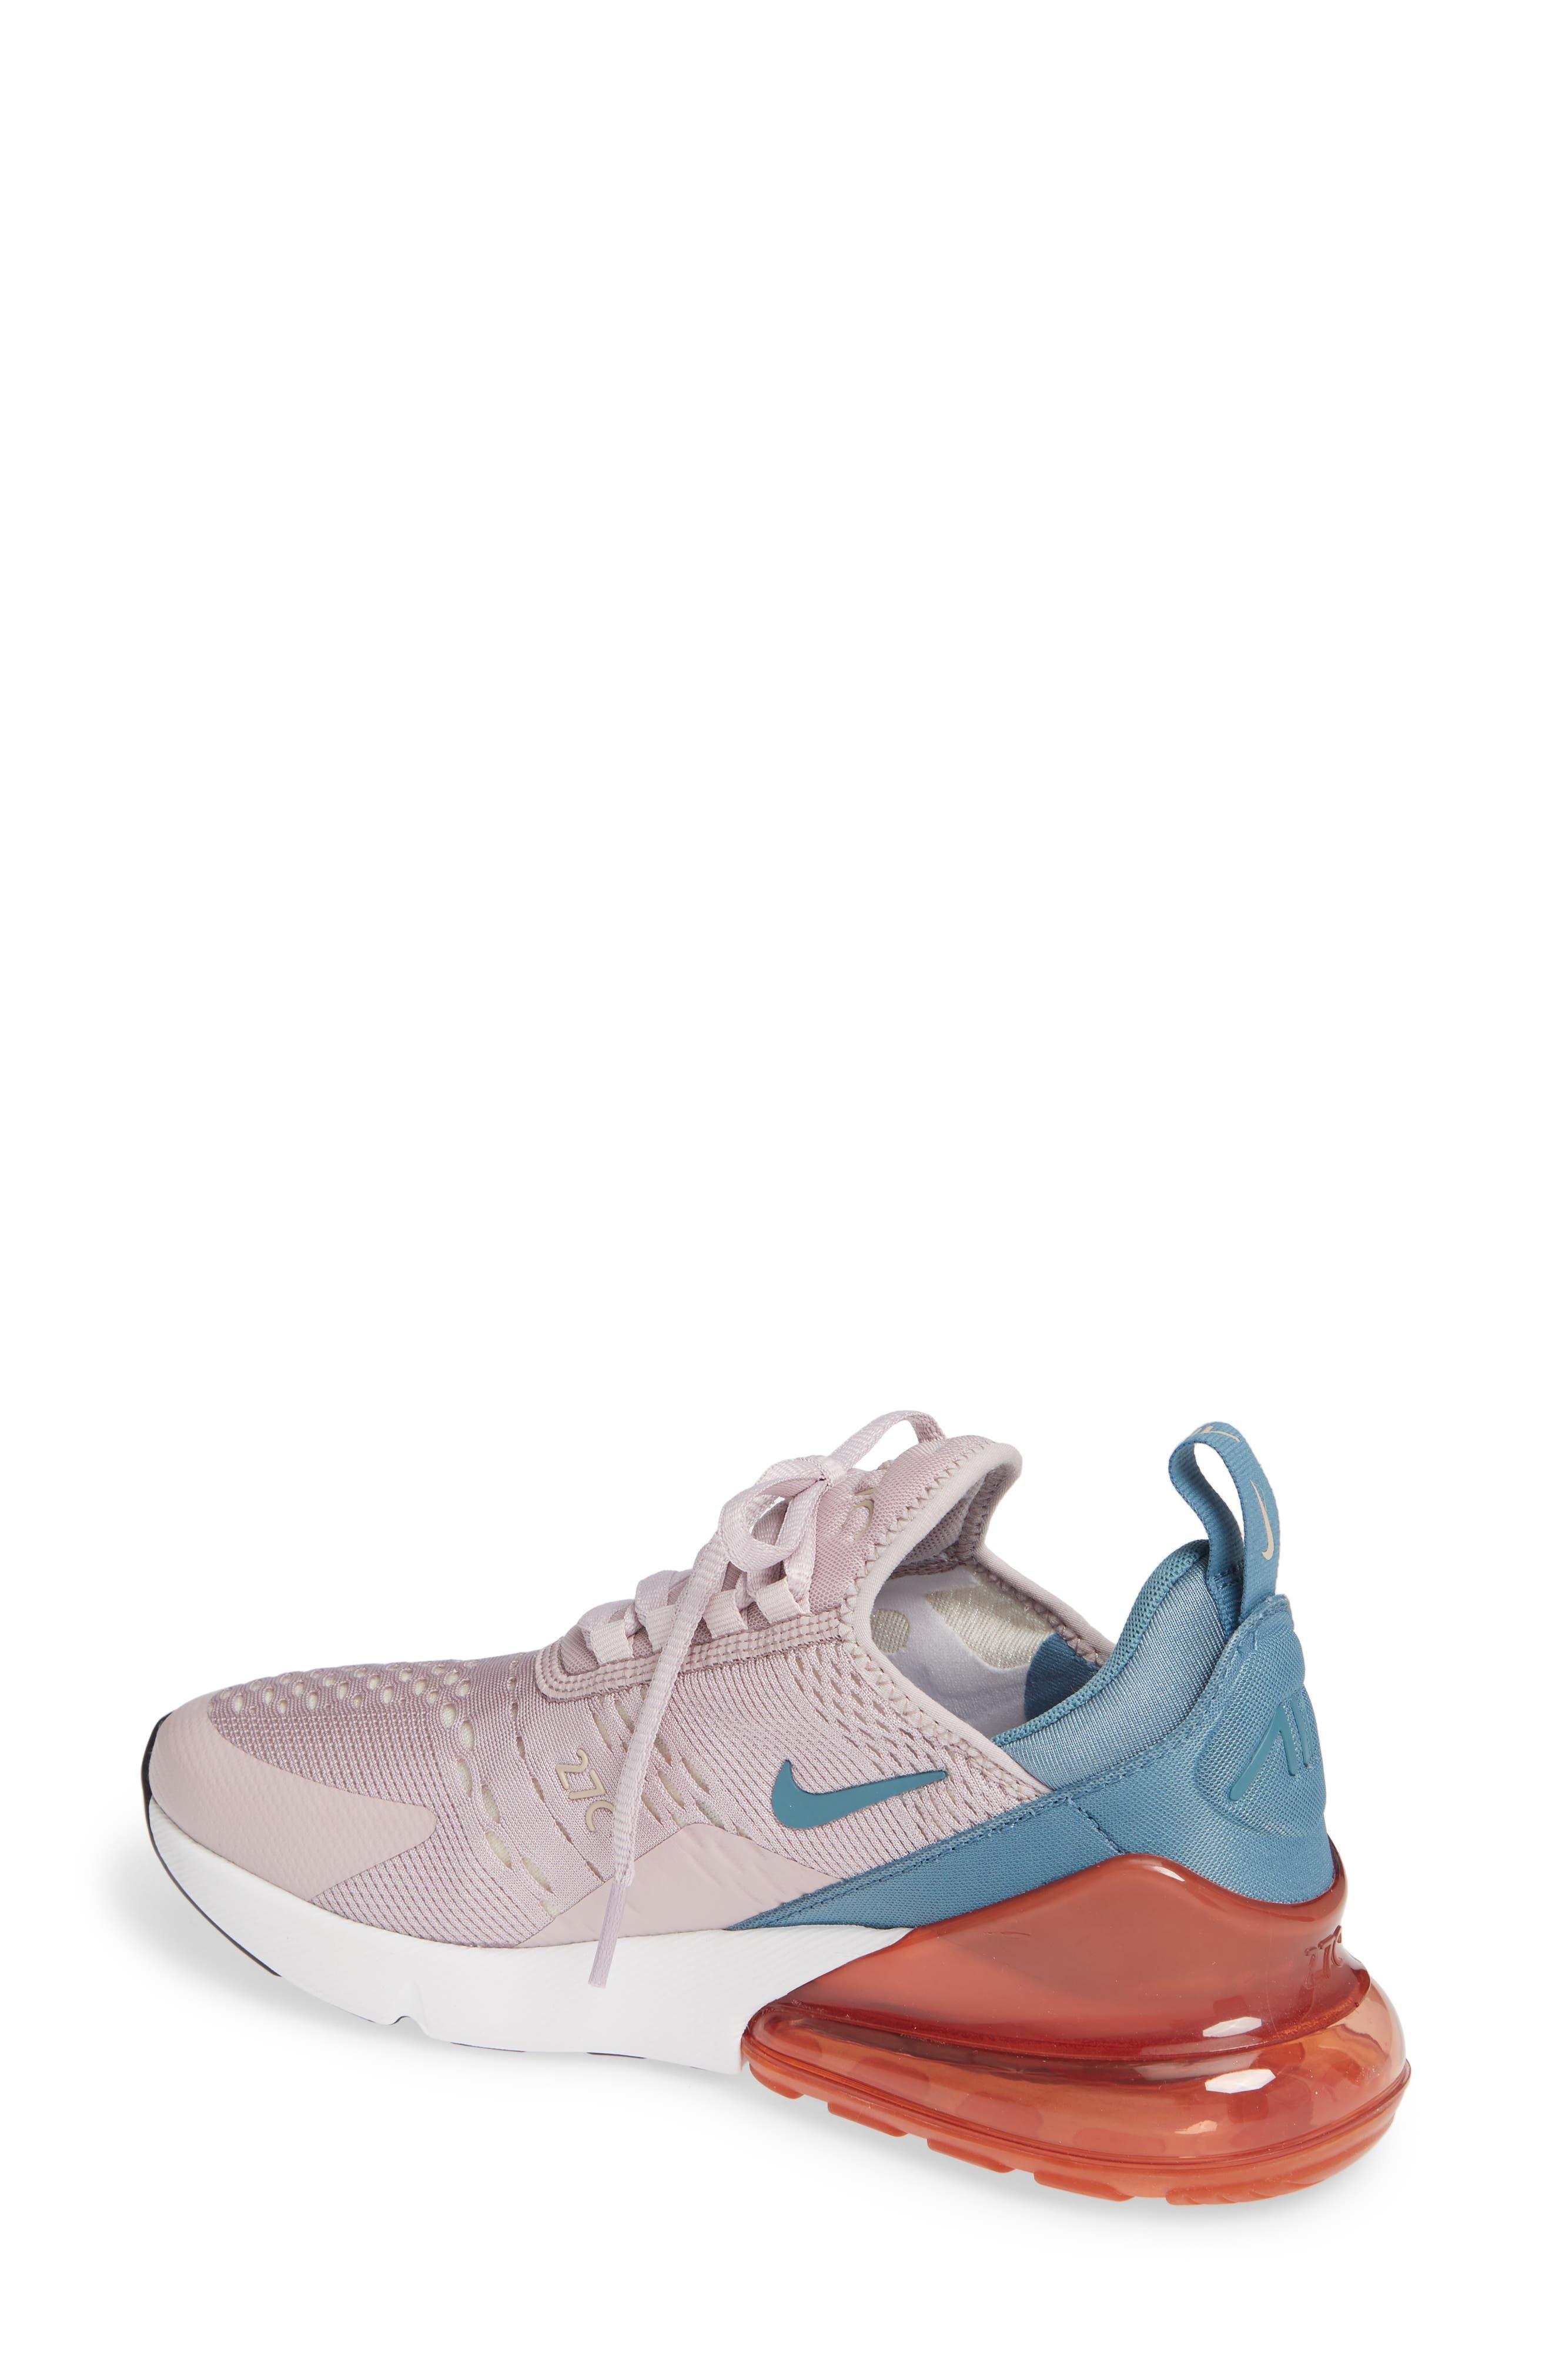 Air Max 270 Premium Sneaker,                             Alternate thumbnail 2, color,                             PARTICLE ROSE/ CELESTIAL TEAL